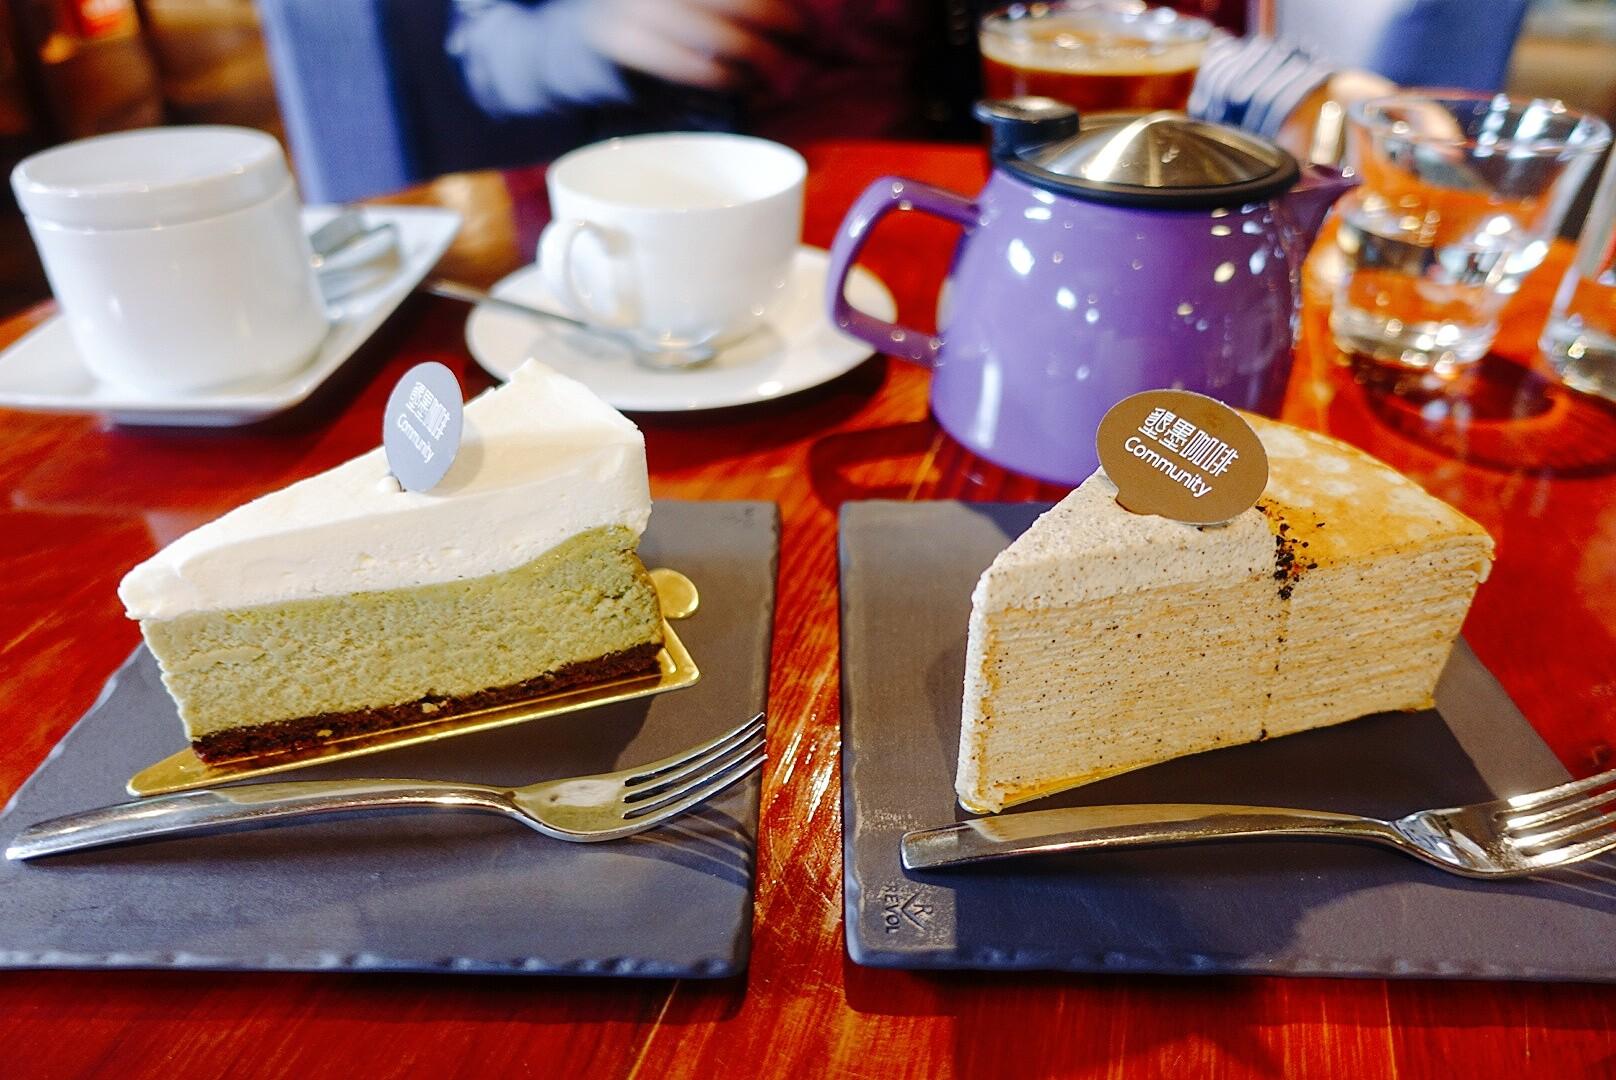 【台東市區】墾墨咖啡|層次感極佳的千層蛋糕,舒適的閱讀空間